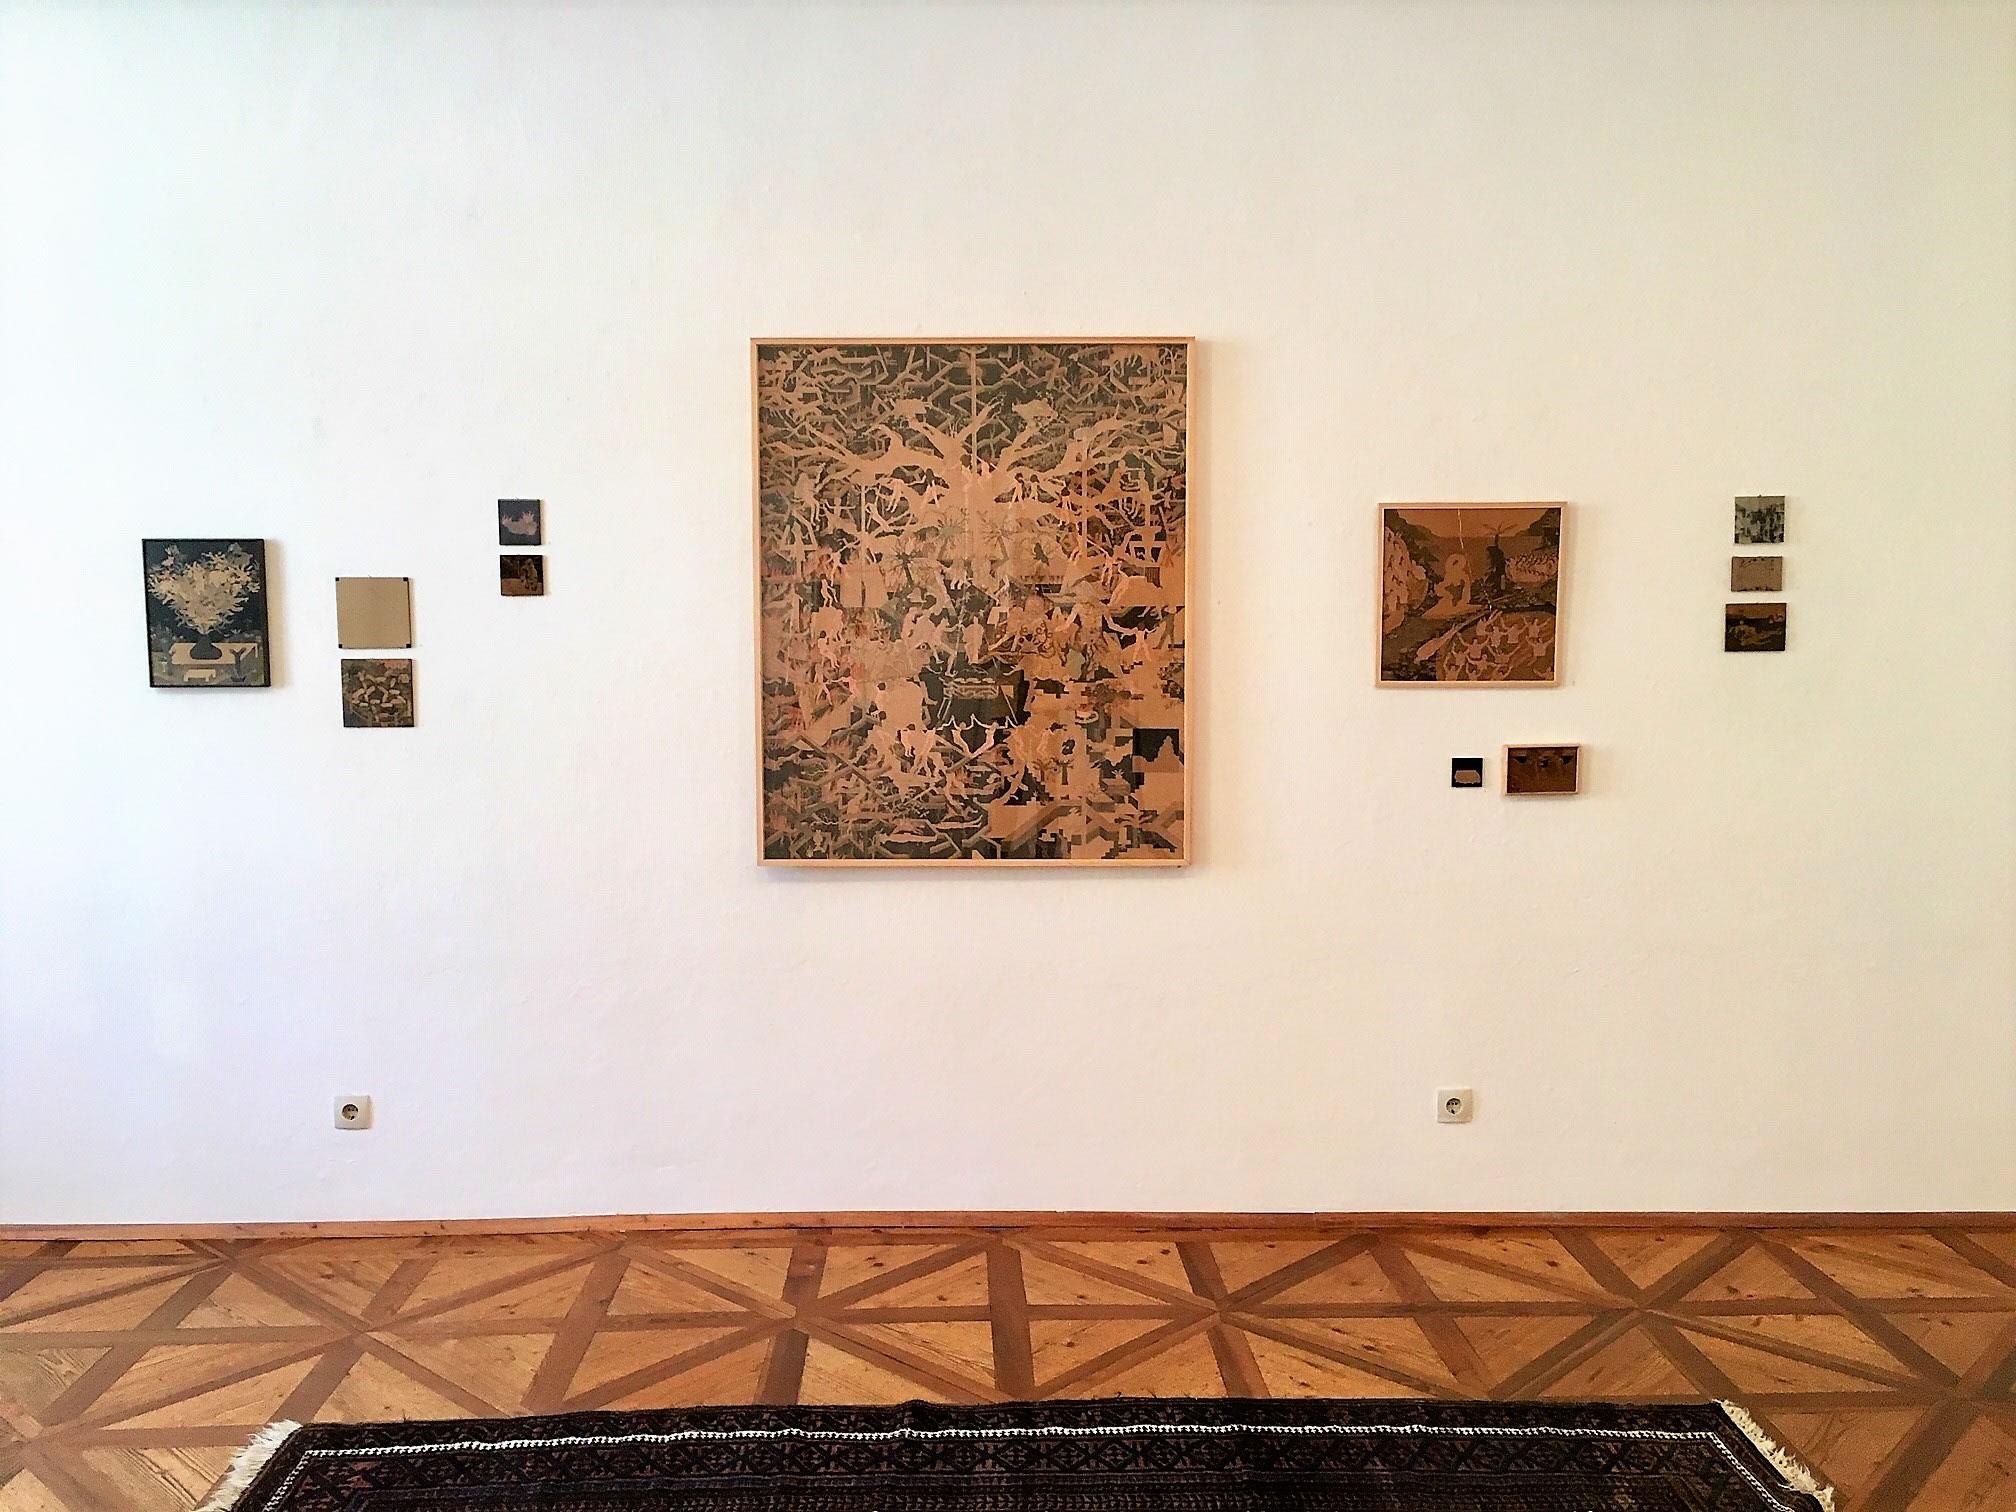 Georg Pinteritsch | Hängung | unheimlich heimelig | Galerie3